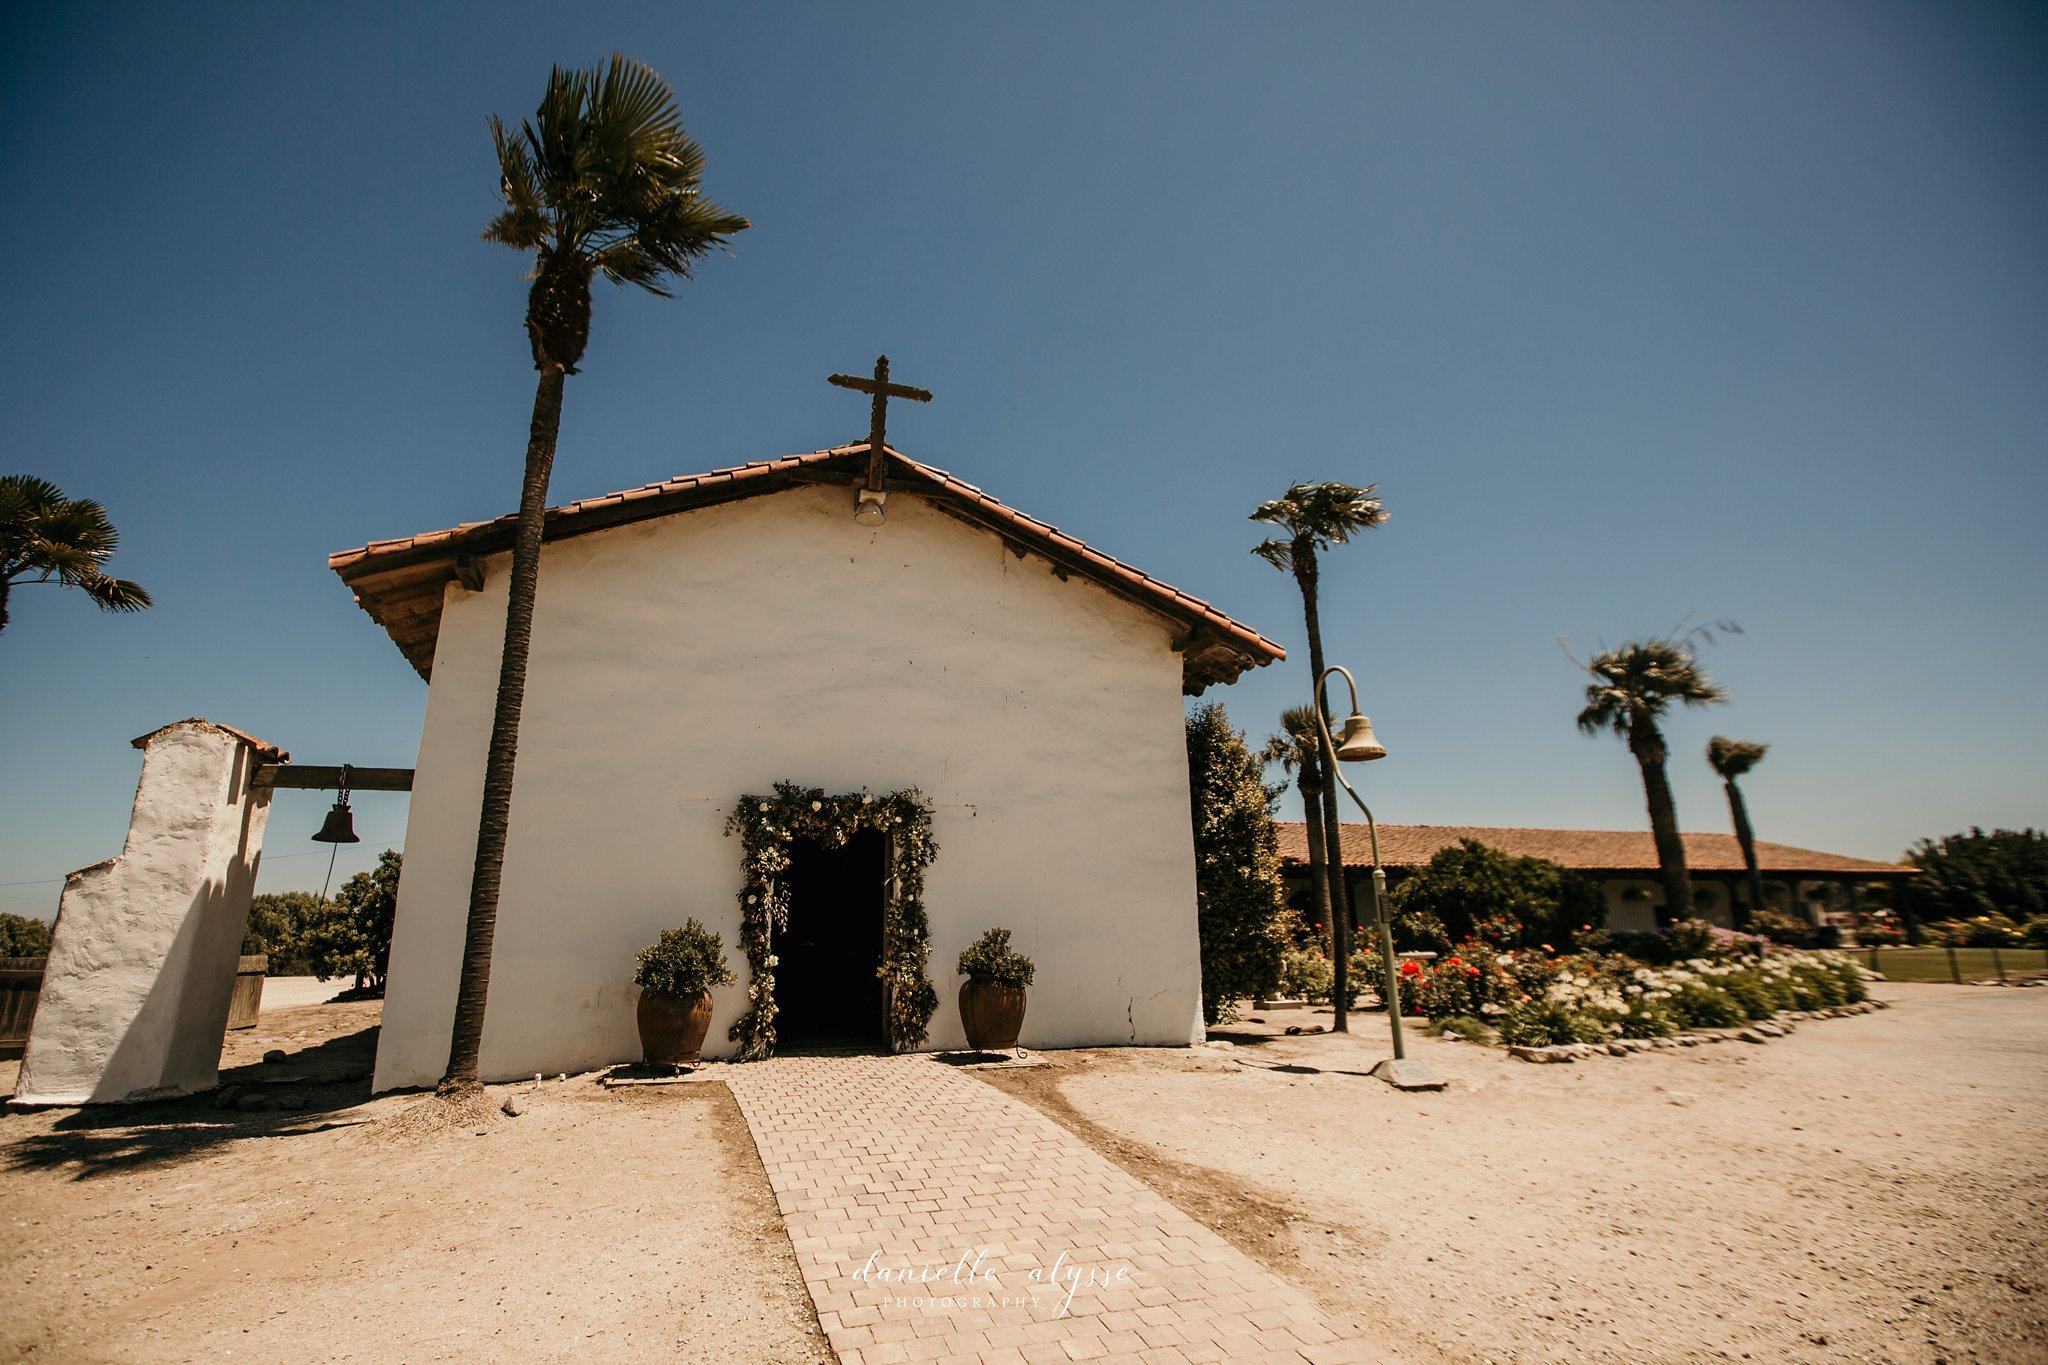 180630_wedding_lily_ryan_mission_soledad_california_danielle_alysse_photography_blog_79_WEB.jpg